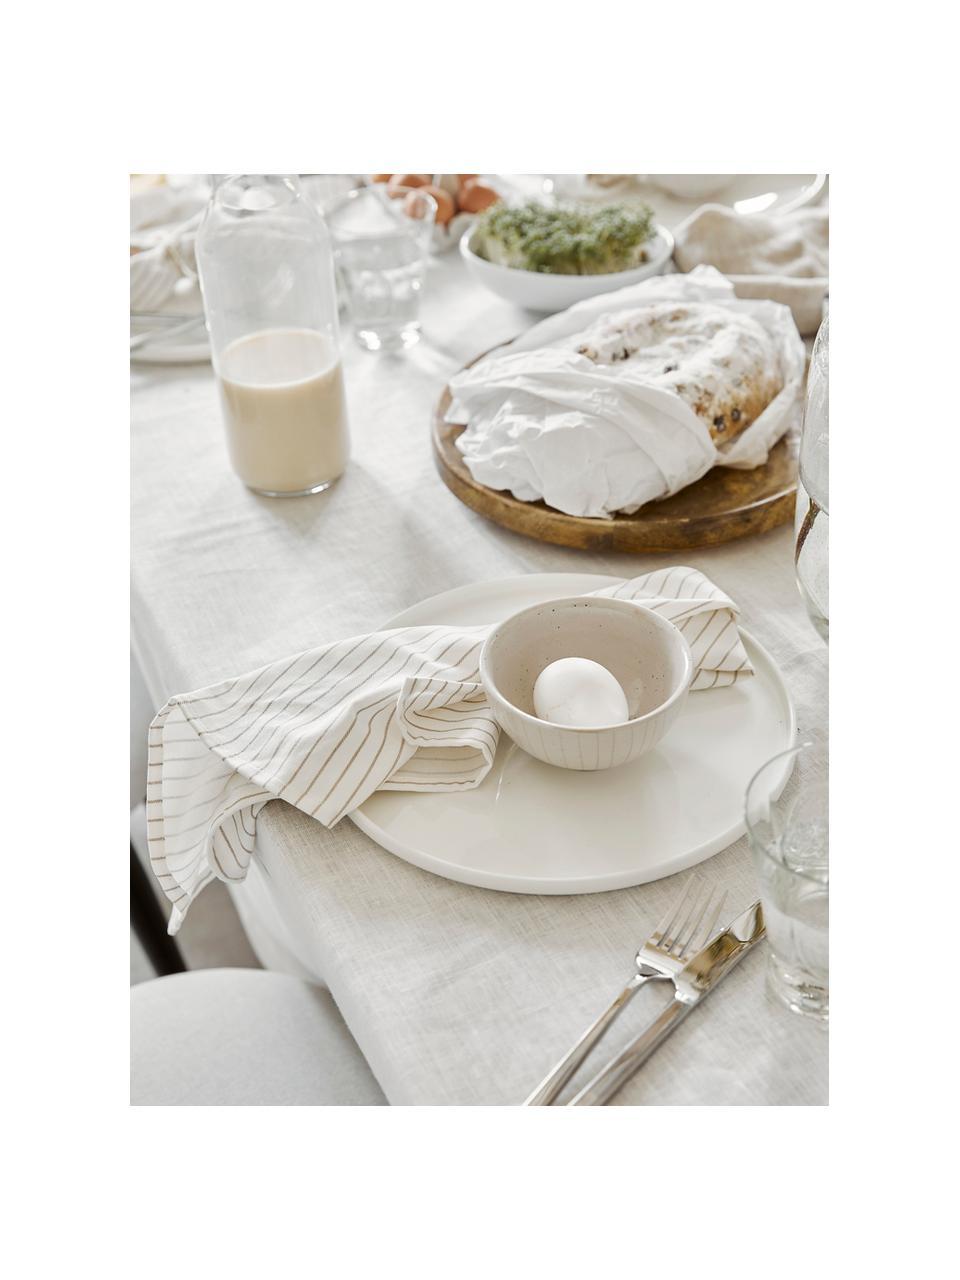 Serwetka z tkaniny Nicole, 2 szt., Bawełna, Biały, beżowy, S 50 x D 50 cm